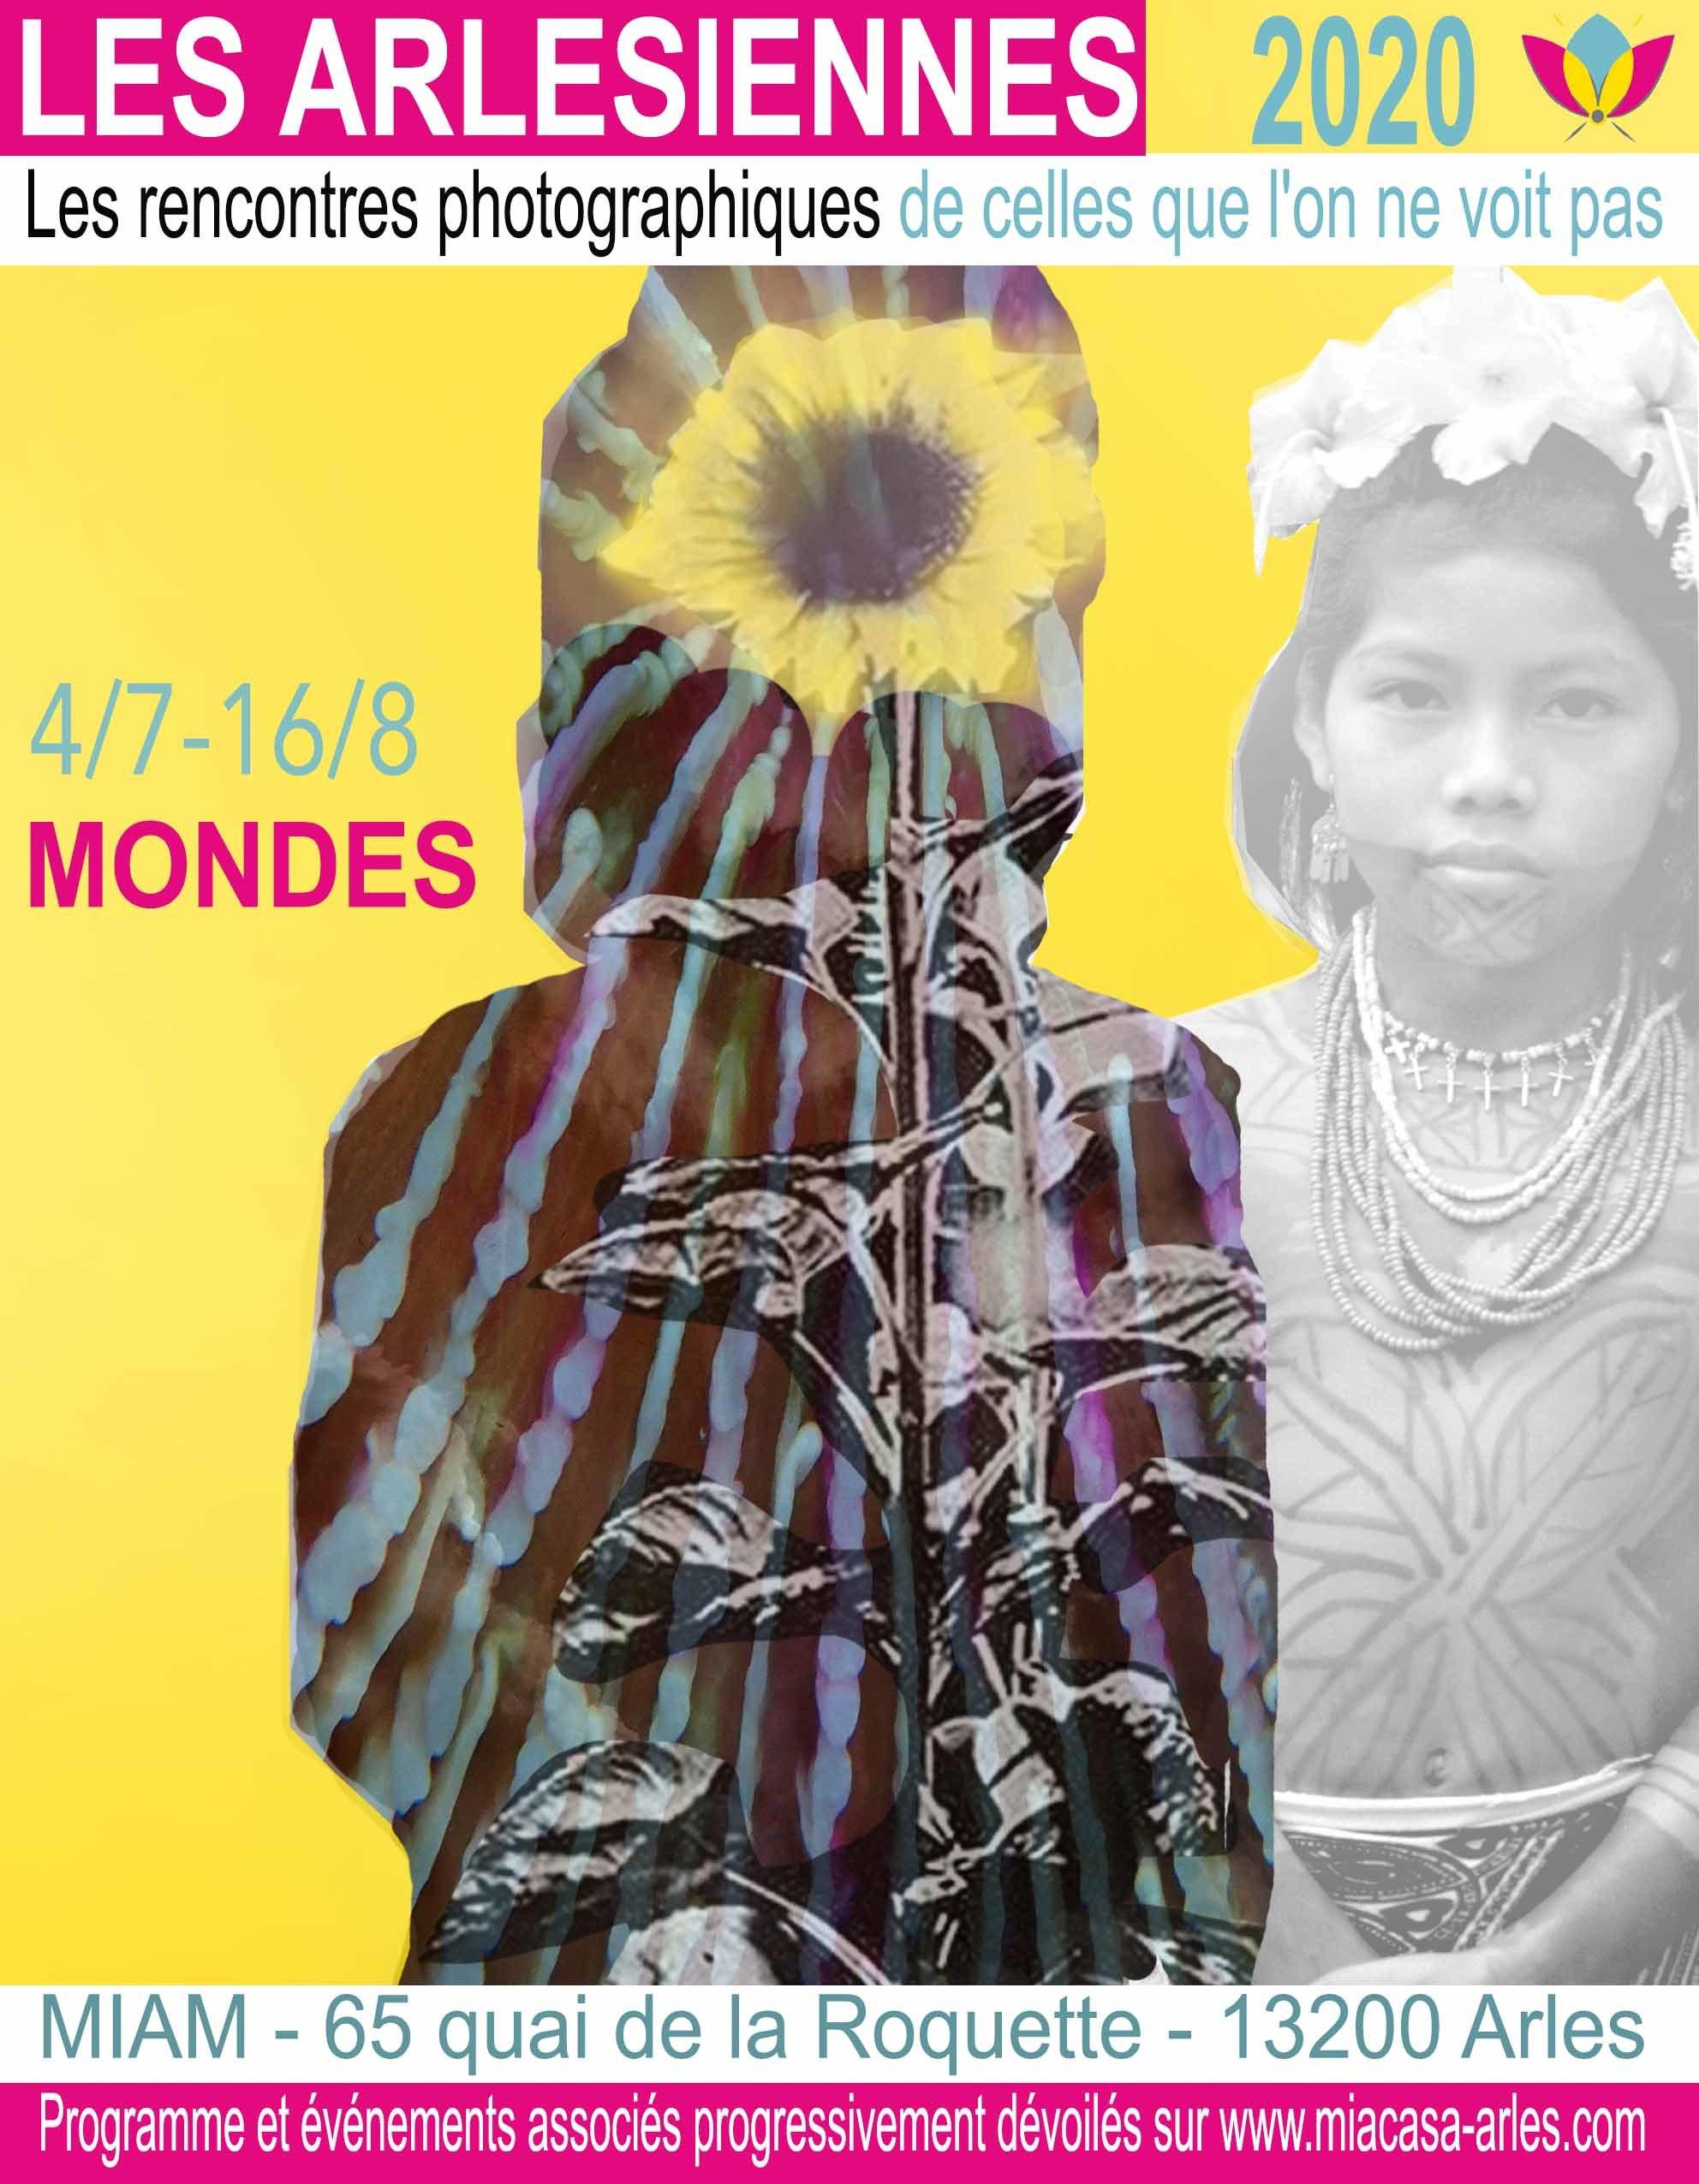 """Première exposition de la manifestation """" Les Arlésiennes - les rencontres photographiques de celles que l'on ne voit pas """", «MONDES» explore le rapport que l'Homme entretient avec la nature."""